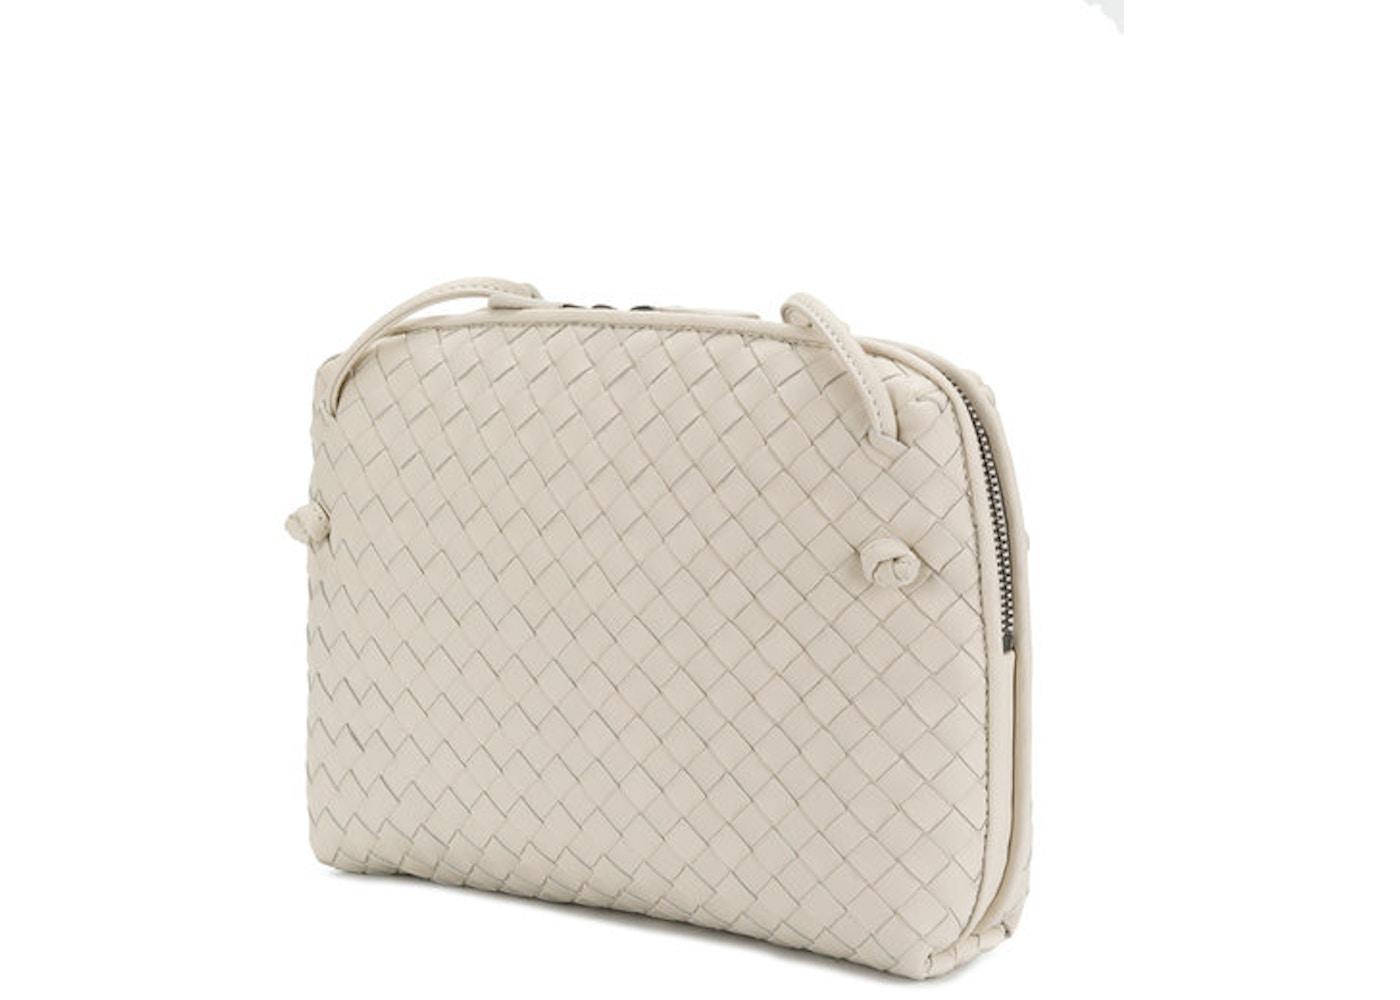 6172b91a2c Bottega Veneta - Price Premium